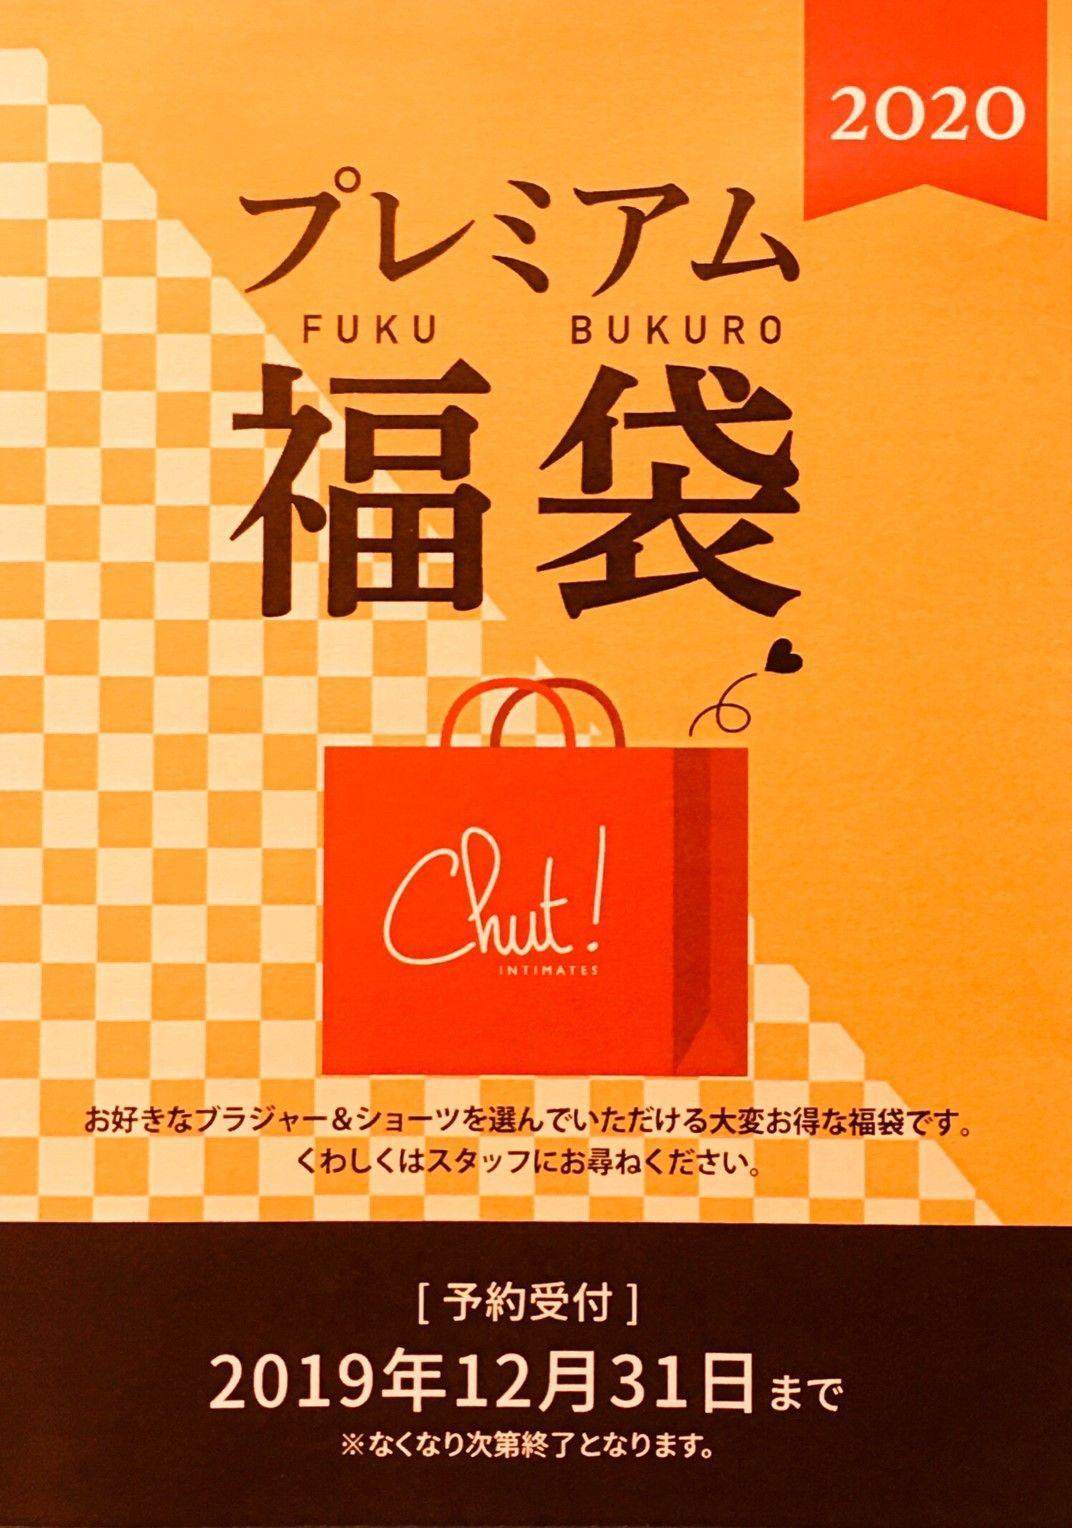 《お知らせ》12月9日から福袋予約開始!【コレド日本橋店】の写真